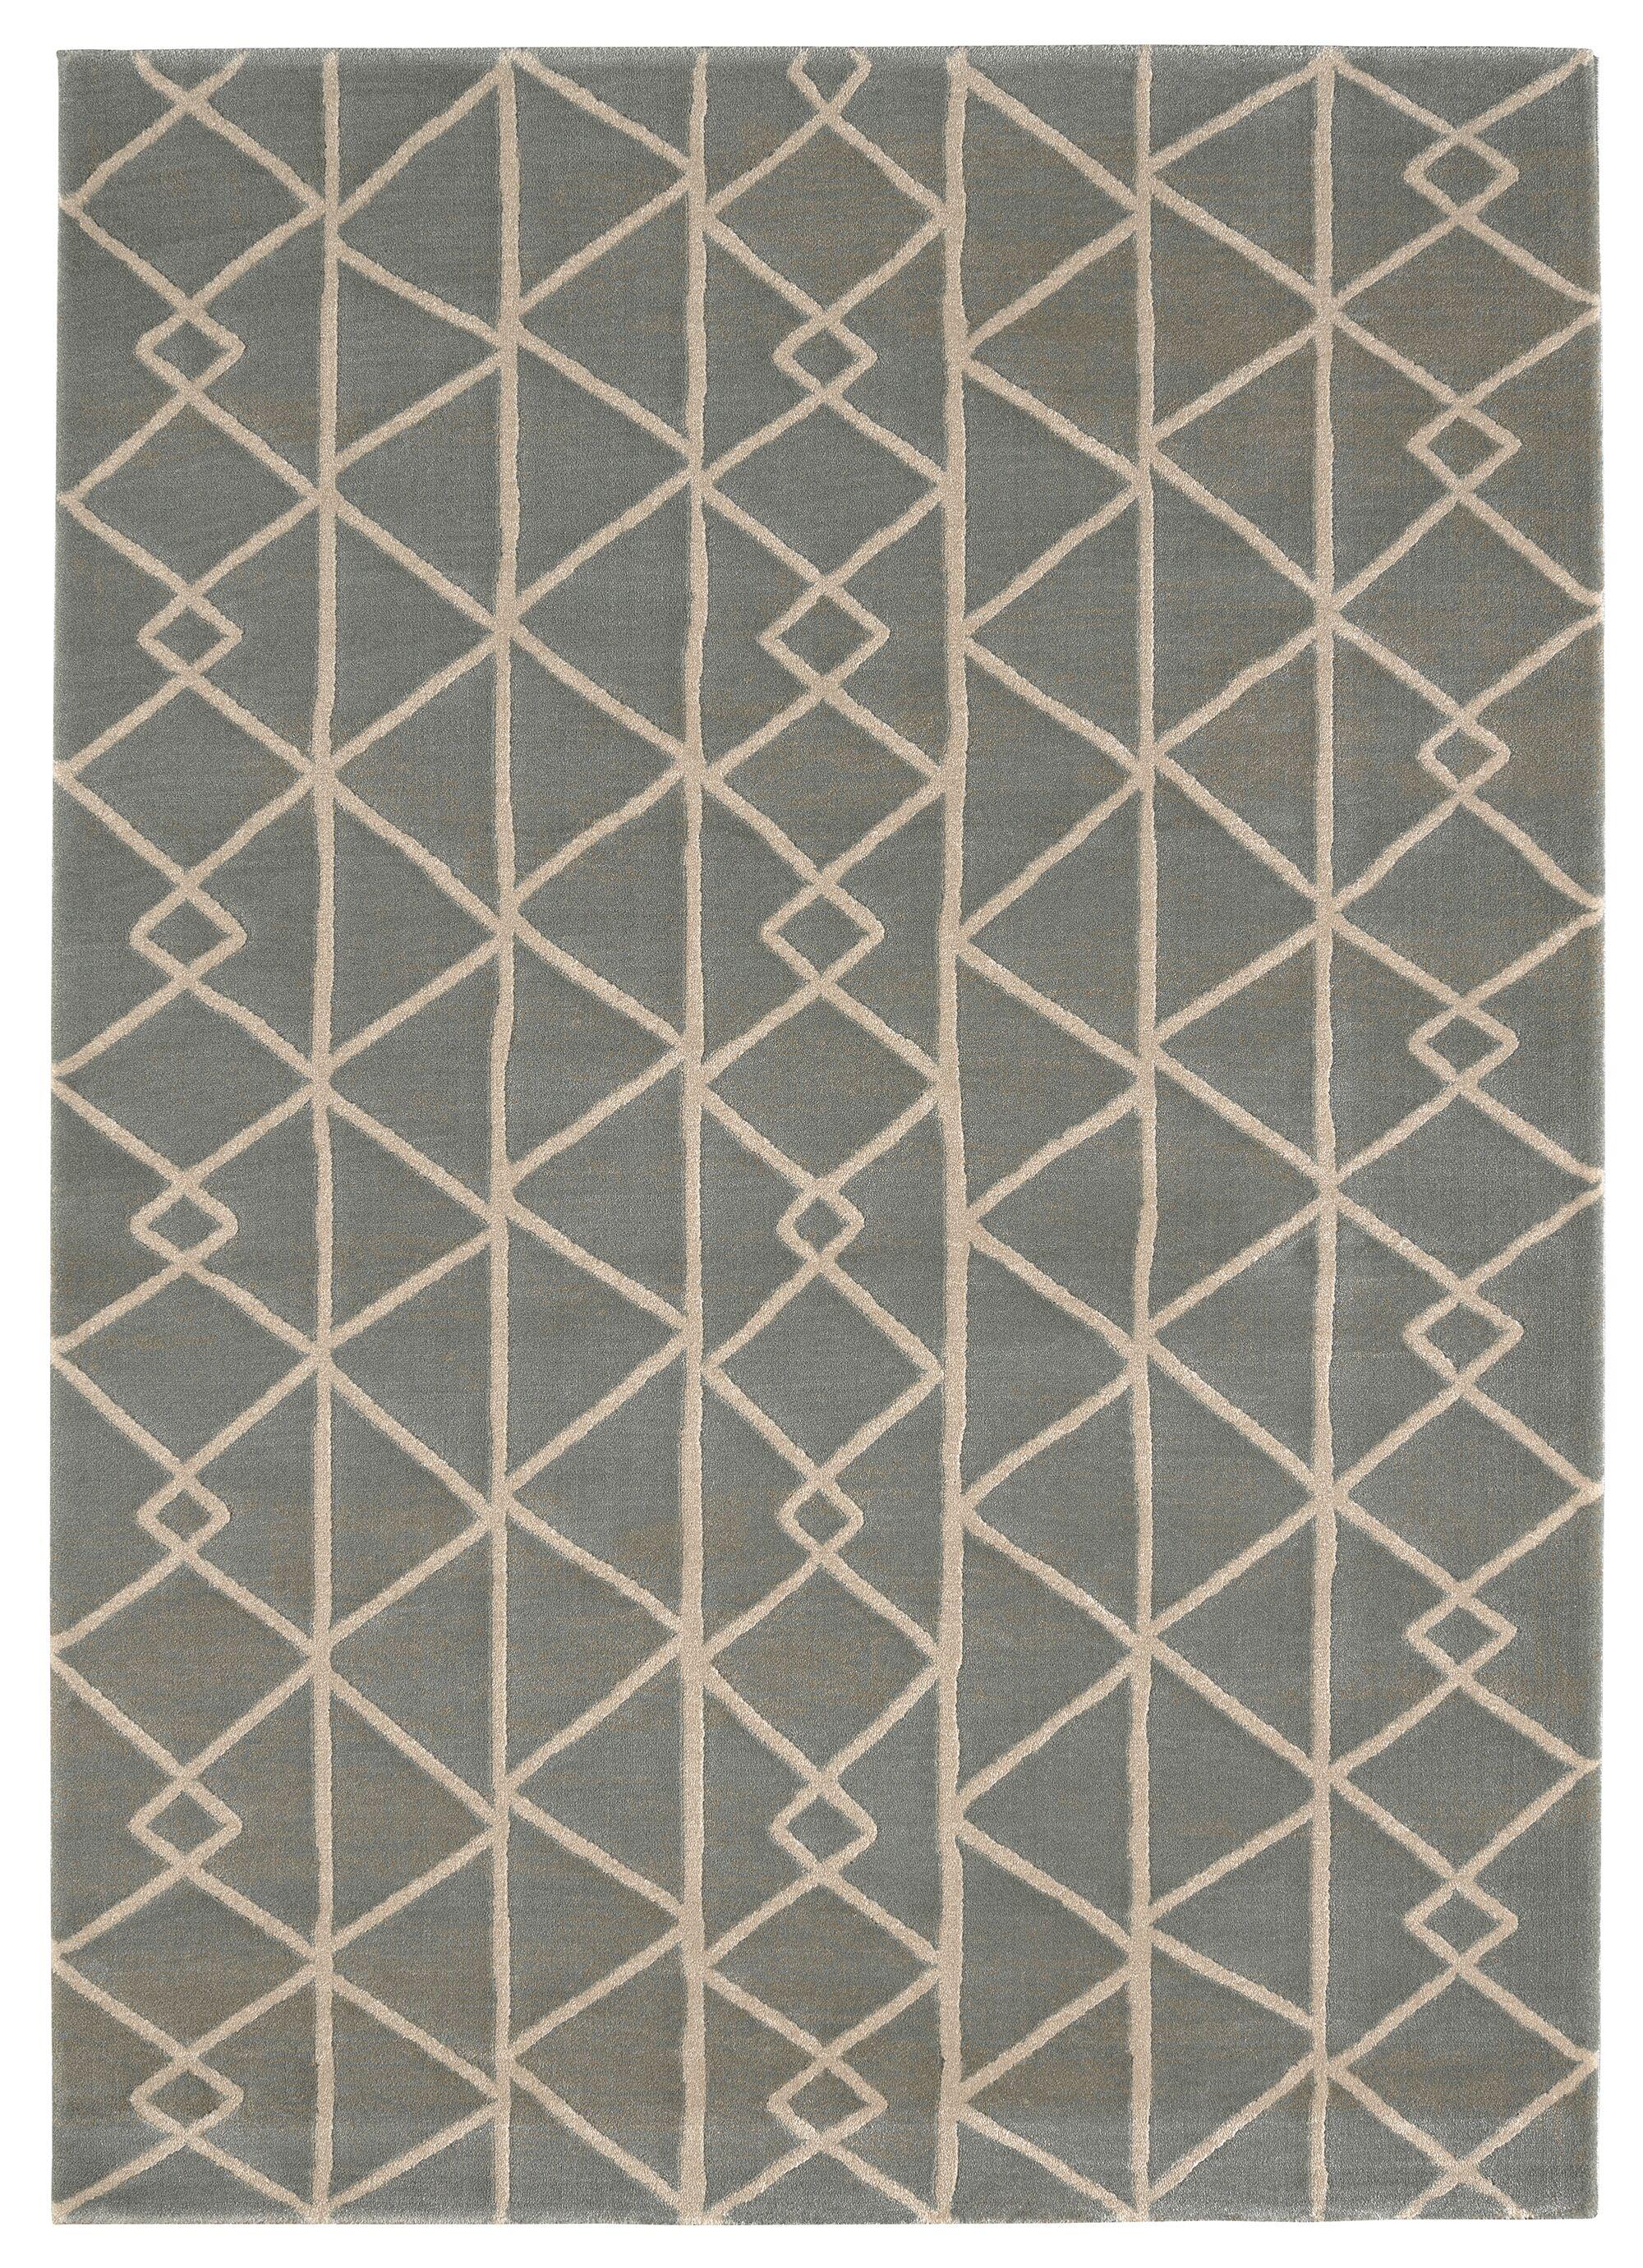 Mandurah Gray Area Rug Rug Size: Rectangle 5'3